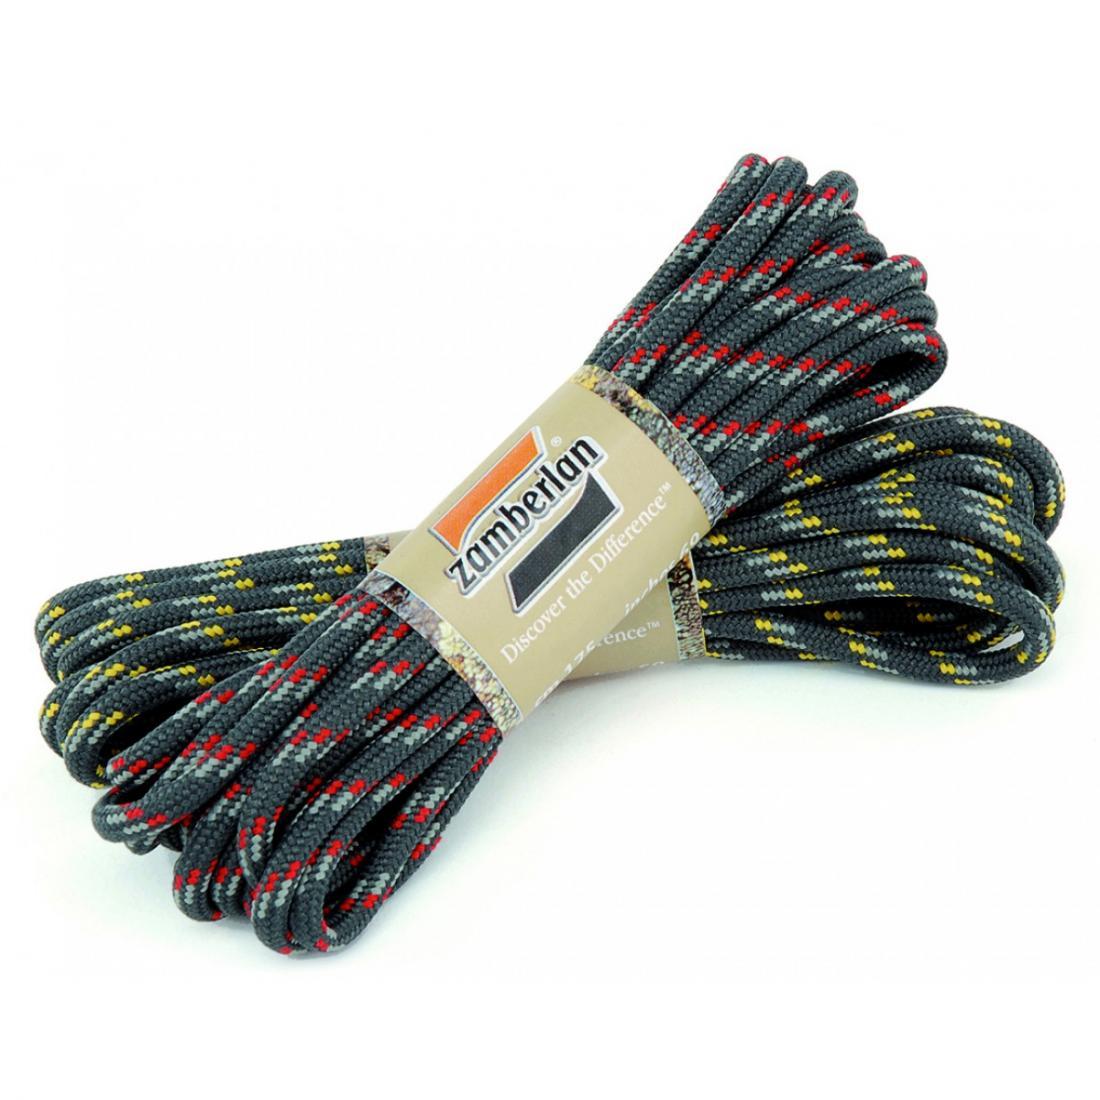 Шнурки круглые CMS.Шнурки<br>Шнурки Zamberlan® производятся из особо прочной синтетической ткани и полиэстеровых нитей, сохраняющих свою молекулярную структуру при воздействии различных внешних факторов. Особая структура волокна гарантирует максимальную износоустойчивость, а высок...<br><br>Цвет: Серый<br>Размер: 150